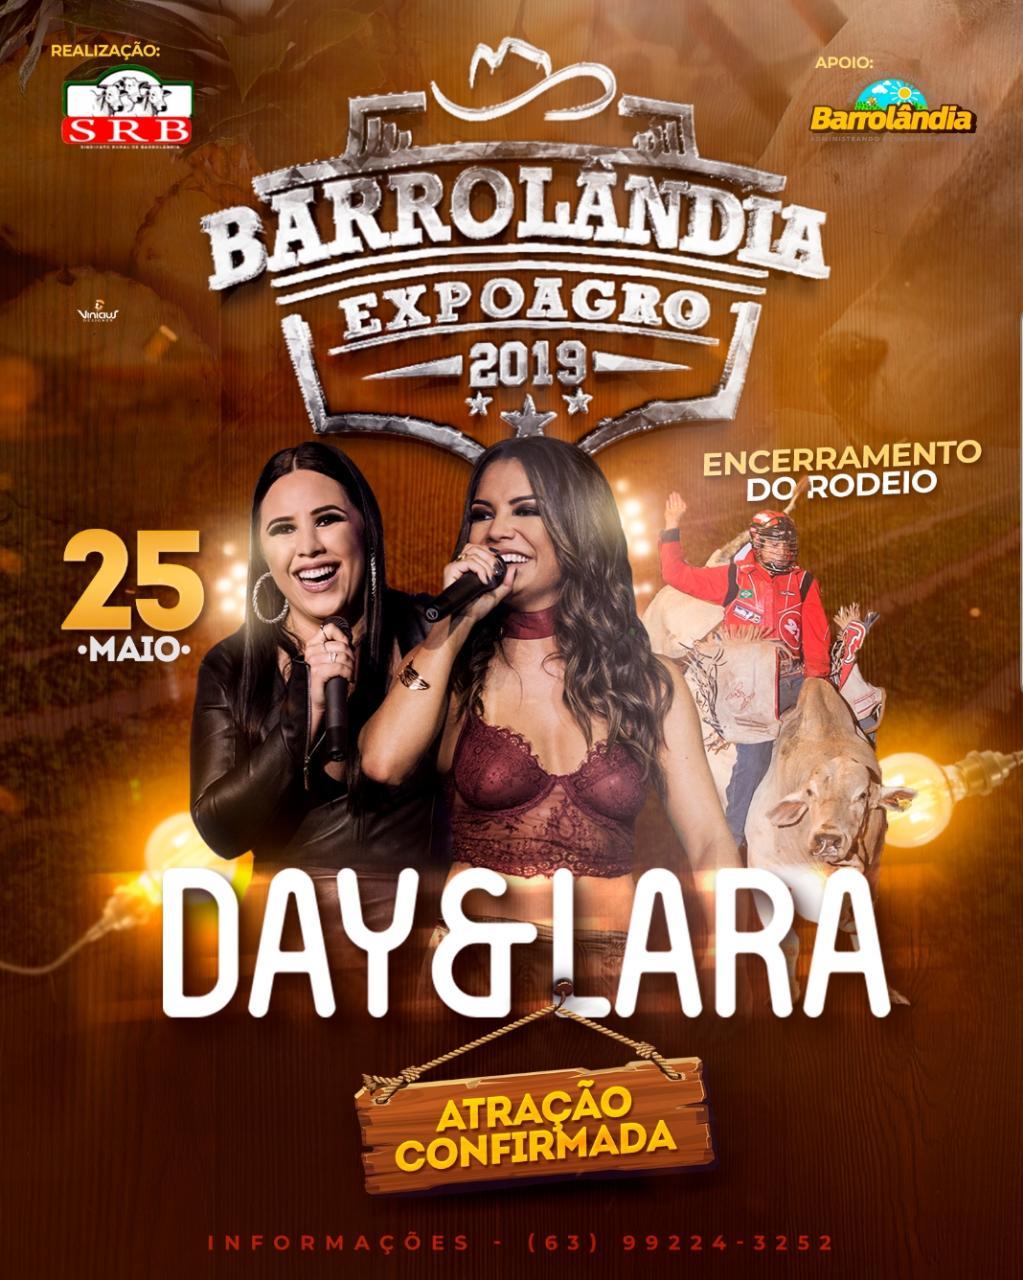 Expoagro de Barrolândia será encerrada neste sábado, 25, com show de Day & Lara